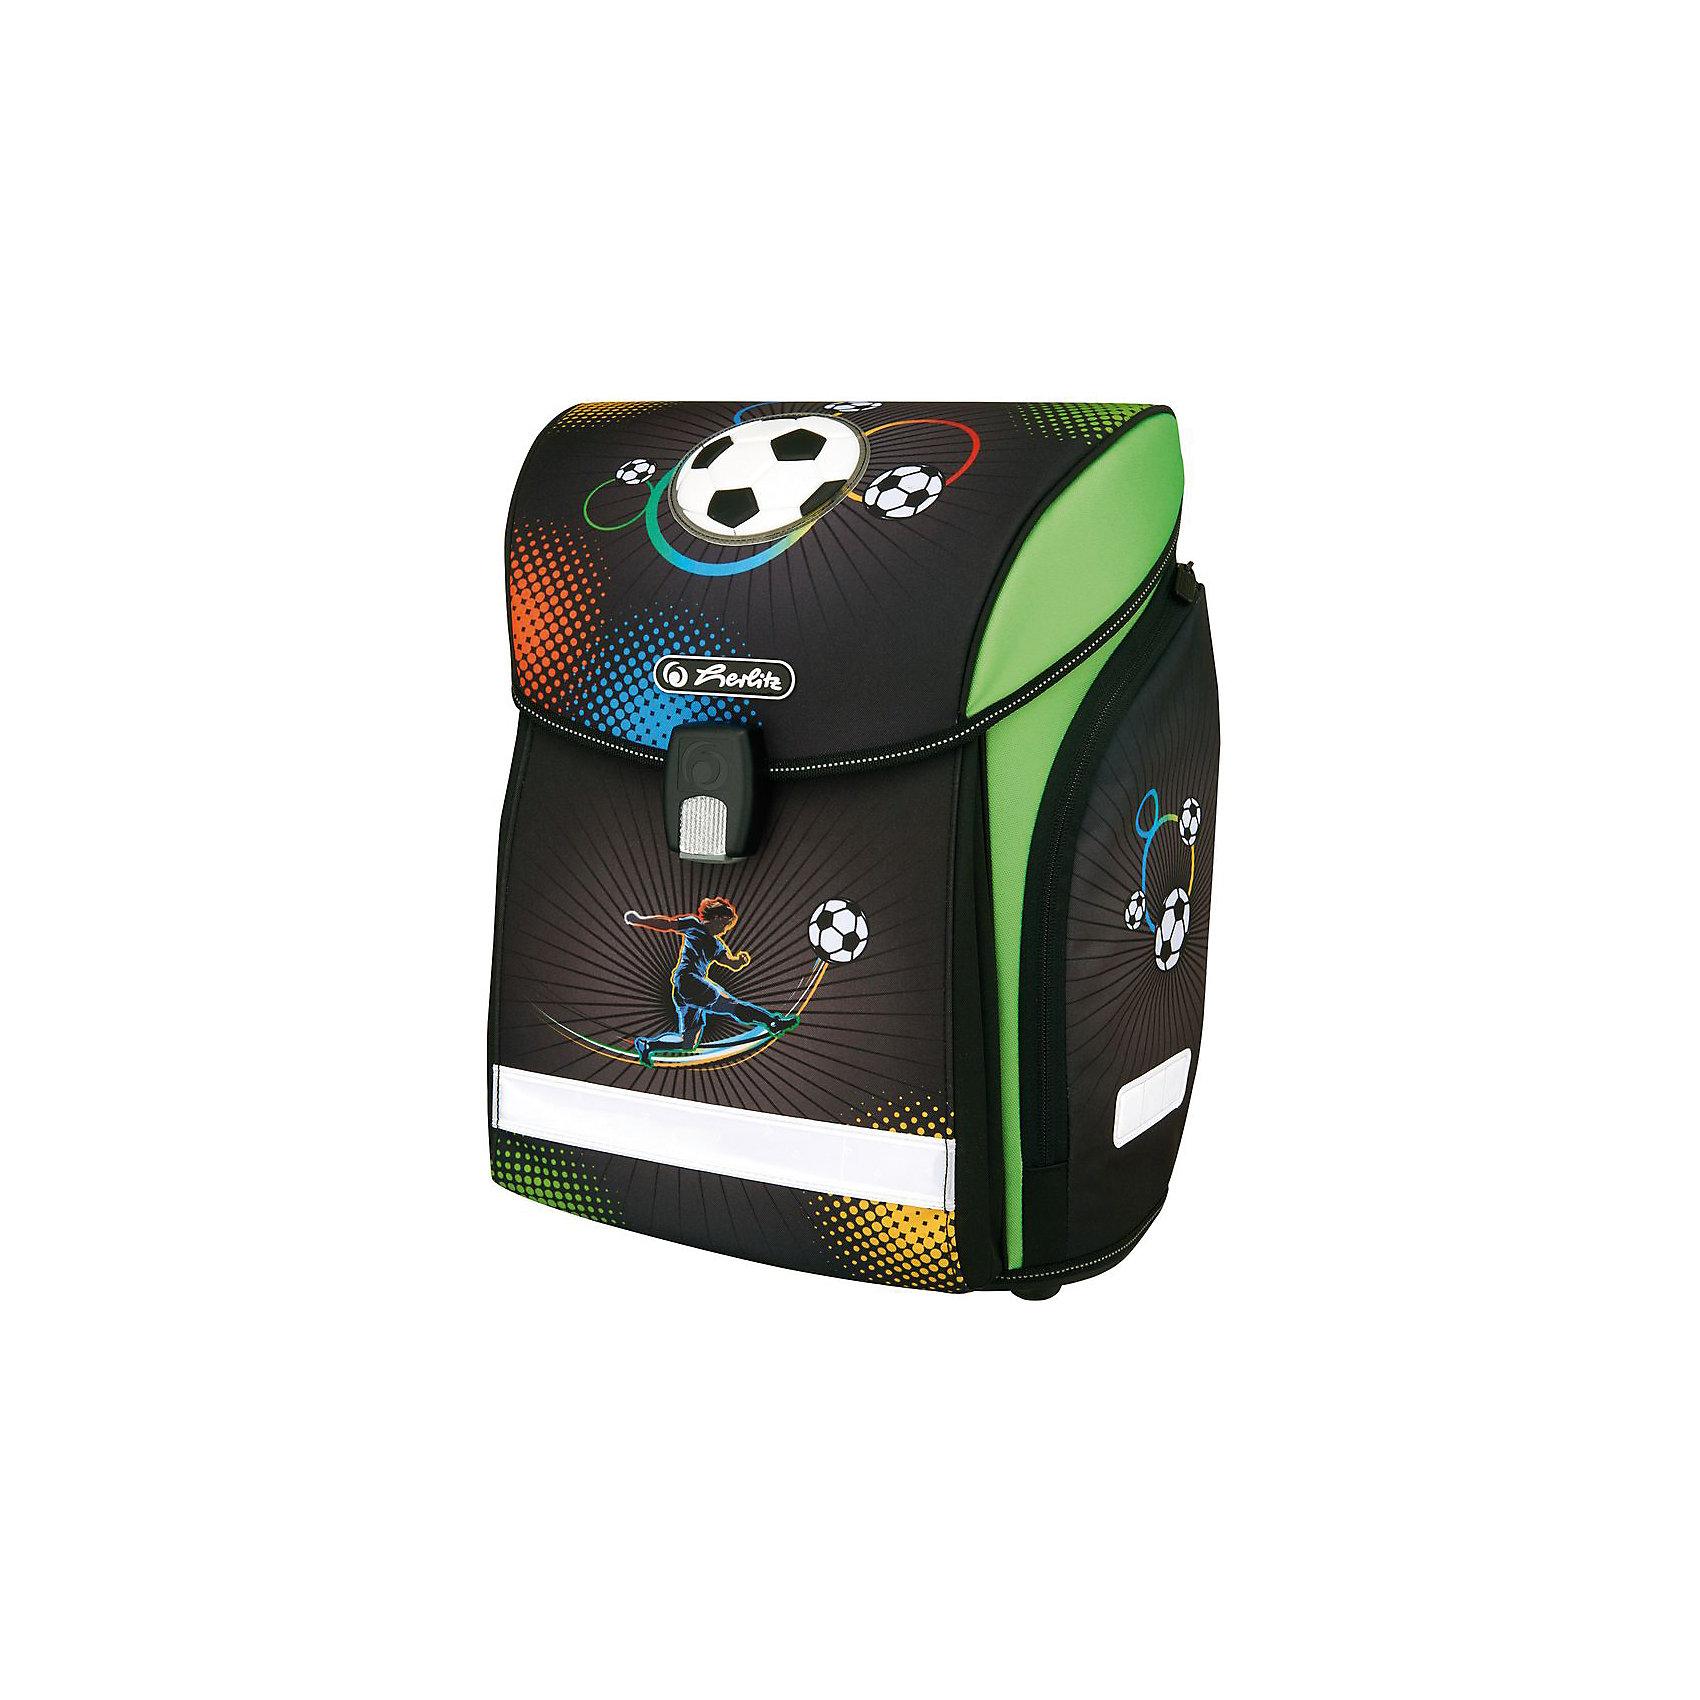 Herlitz Ранец MIDI NEW Soccer, без наполненияРанцы<br>Ранец NEW MIDI Soccer без наполнения<br>- полиэстер<br>размер 38х32х26см <br>- Новый магнитный замок Fidlock;<br>- 2 внутренних отделения с карманом для учебников,<br>- 1 внутренний карман на молнии,<br>- расписание уроков,<br>- дно из жесткого пластика,<br>- Удобный, интегрированный передний карман в корпус ранца.<br>- водоотталкивающая ткань,<br>- светоотражатели 3M на переднем кармане, боковых карманах и лямках, на крышке ранца светоотражающий кант<br>- 2 просторных боковых кармана на молнии,<br>- эргономичная спинка и уплотненные регулируемые лямки из вентилируемого материала, <br>вес 850  гр                                                                                                 вмещает А4                                                                                                  лямки настраиваются  под  рост  ребенка<br><br>Ширина мм: 370<br>Глубина мм: 380<br>Высота мм: 220<br>Вес г: 1100<br>Возраст от месяцев: 72<br>Возраст до месяцев: 120<br>Пол: Мужской<br>Возраст: Детский<br>SKU: 5595068